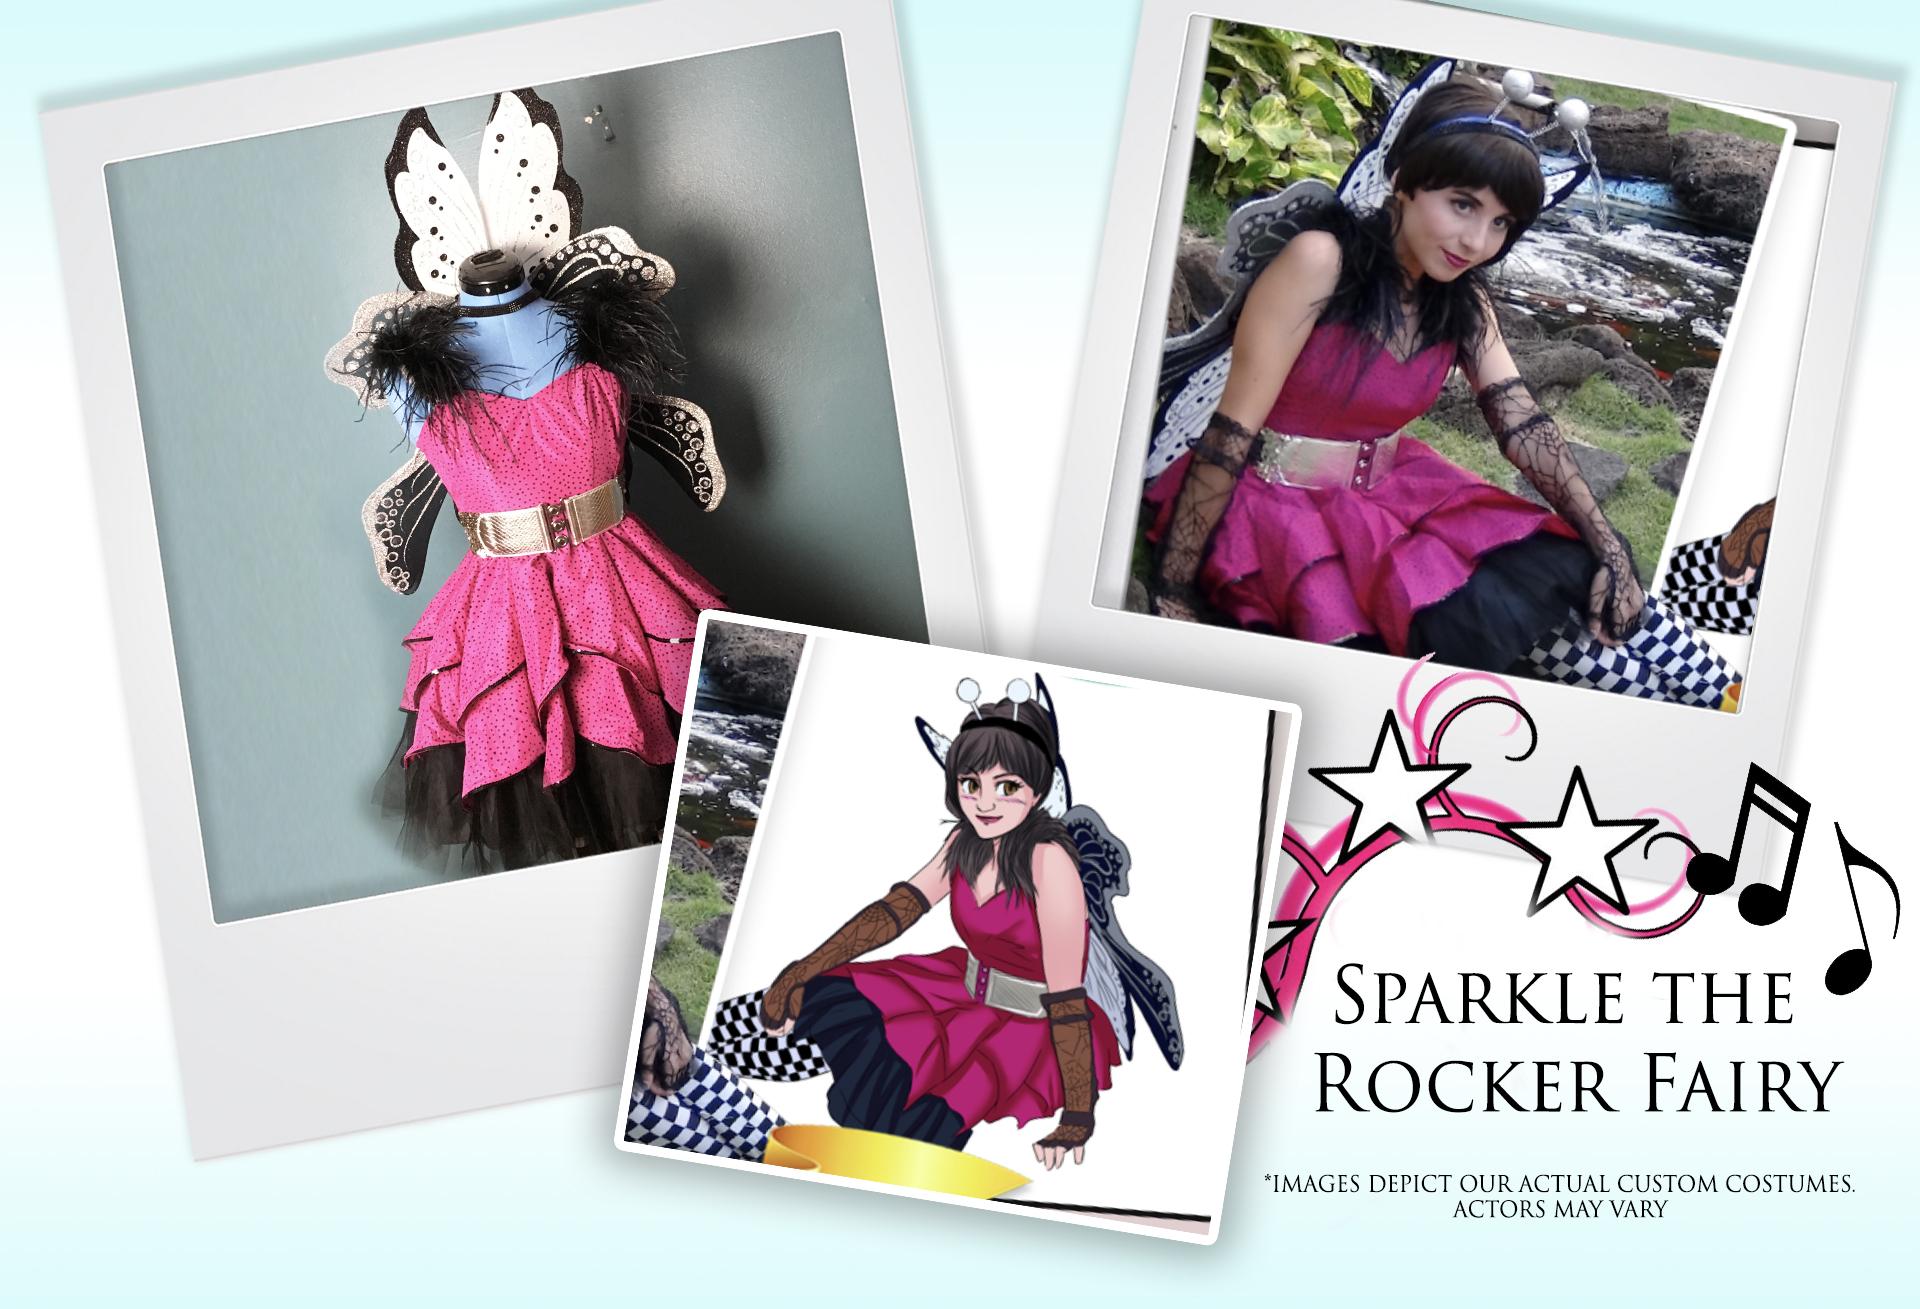 Sparkle the Rocker Fairy